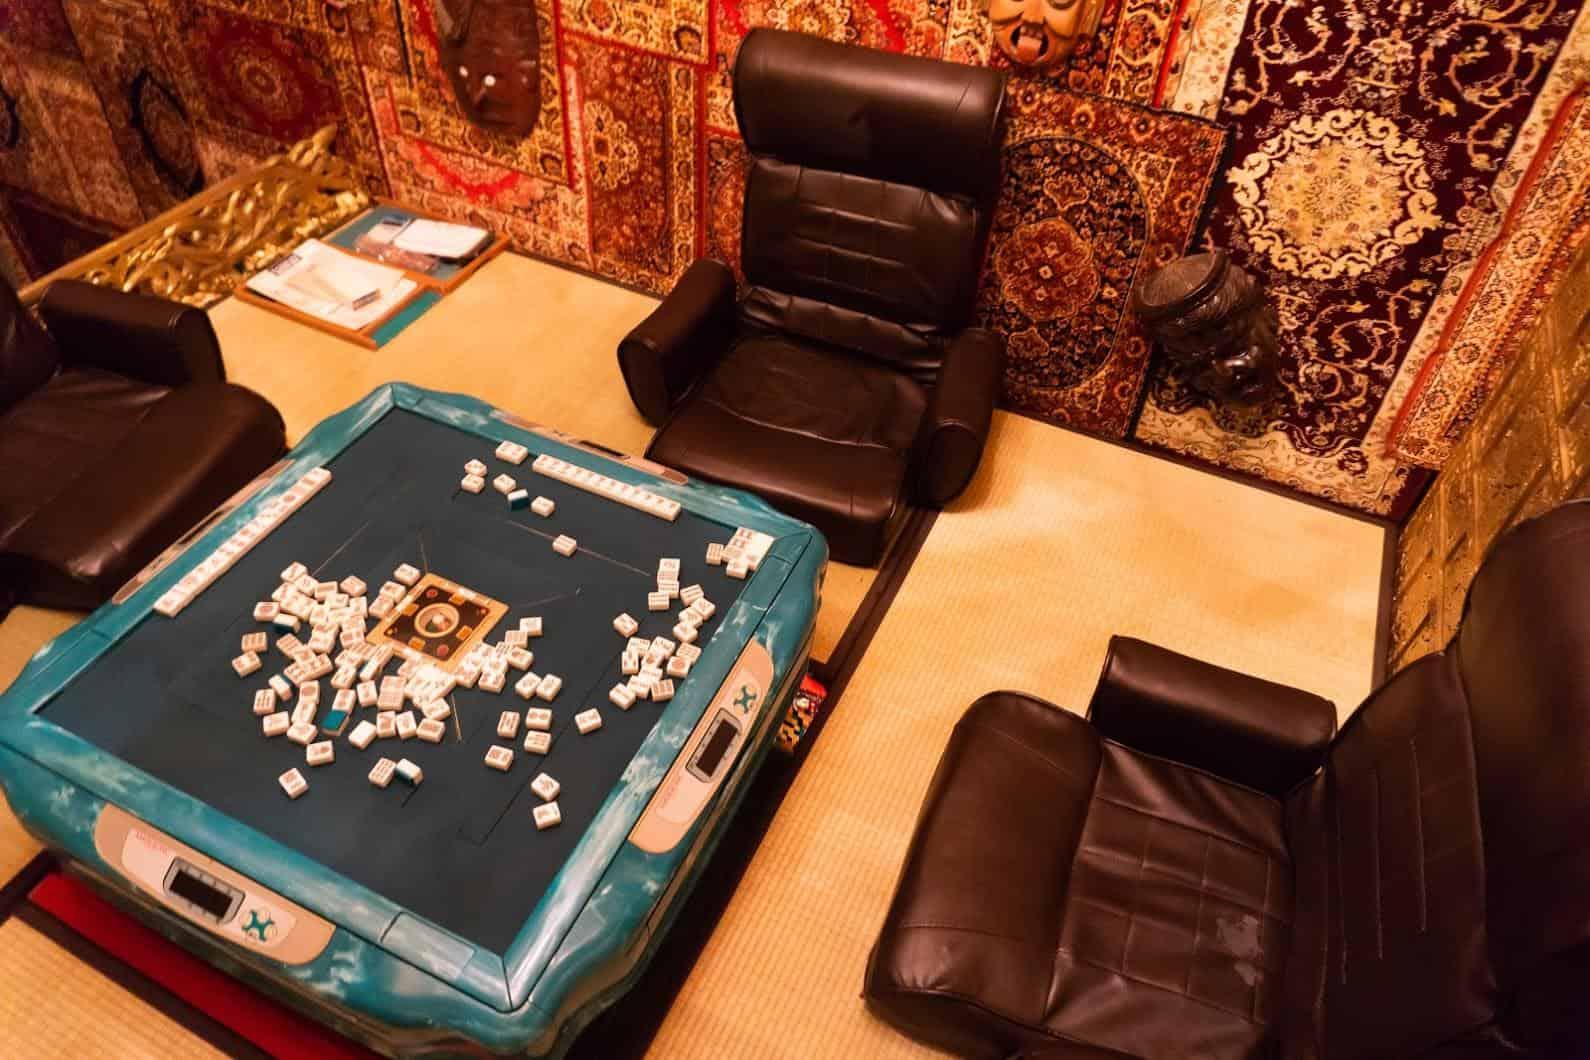 豊福亮,黃金遊戲場,違和的錯亂彷彿進入另一個異次元空間;遊樂場必備的麻將桌台,還真的可以玩上一把 黃金遊戲場 黃金遊戲場 golden playroom 02